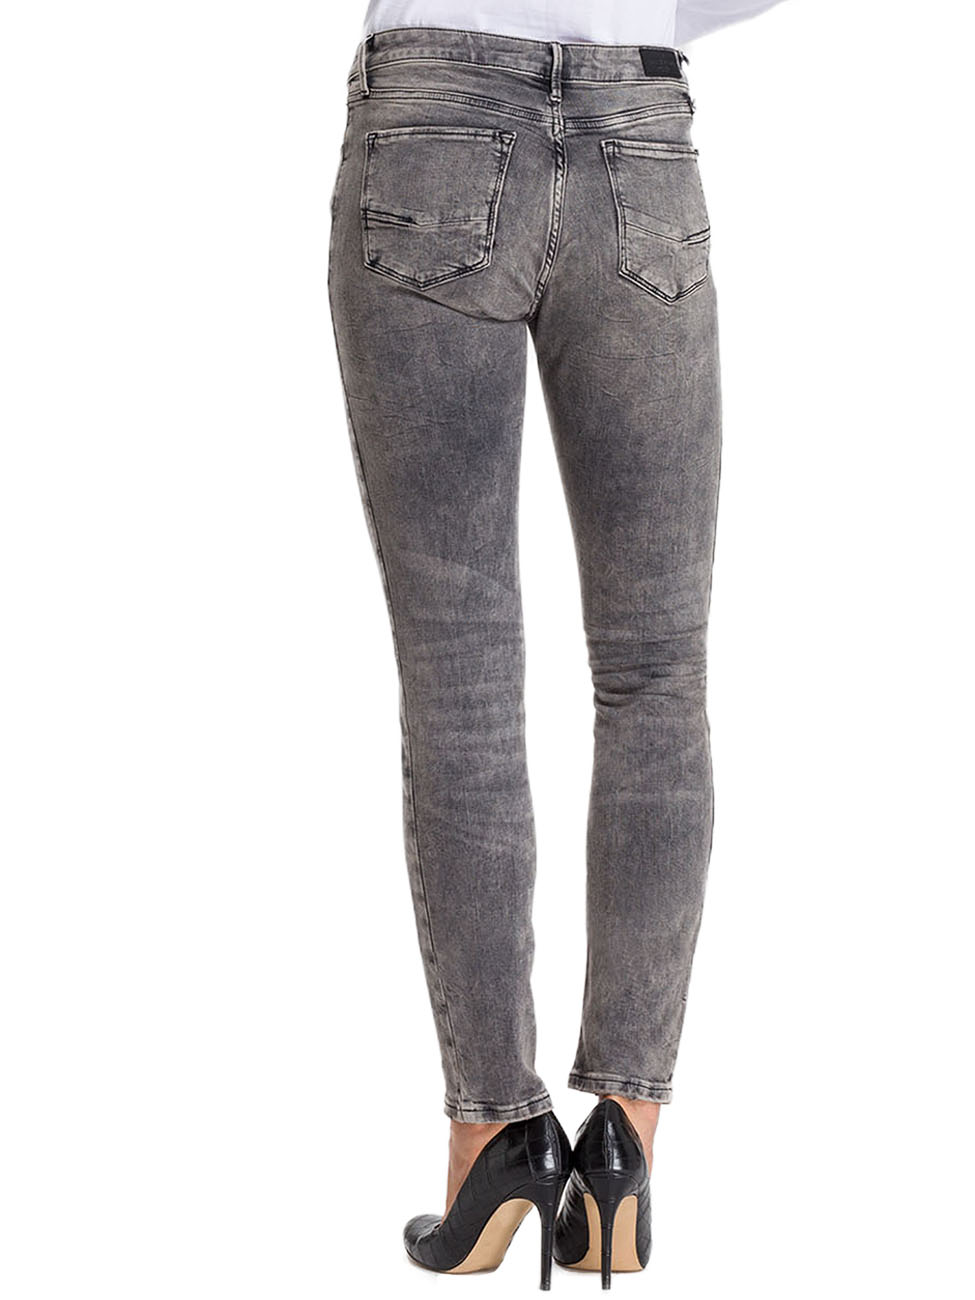 cross-jeans-damen-jeans-alan-skinny-fit-grau-grey-used